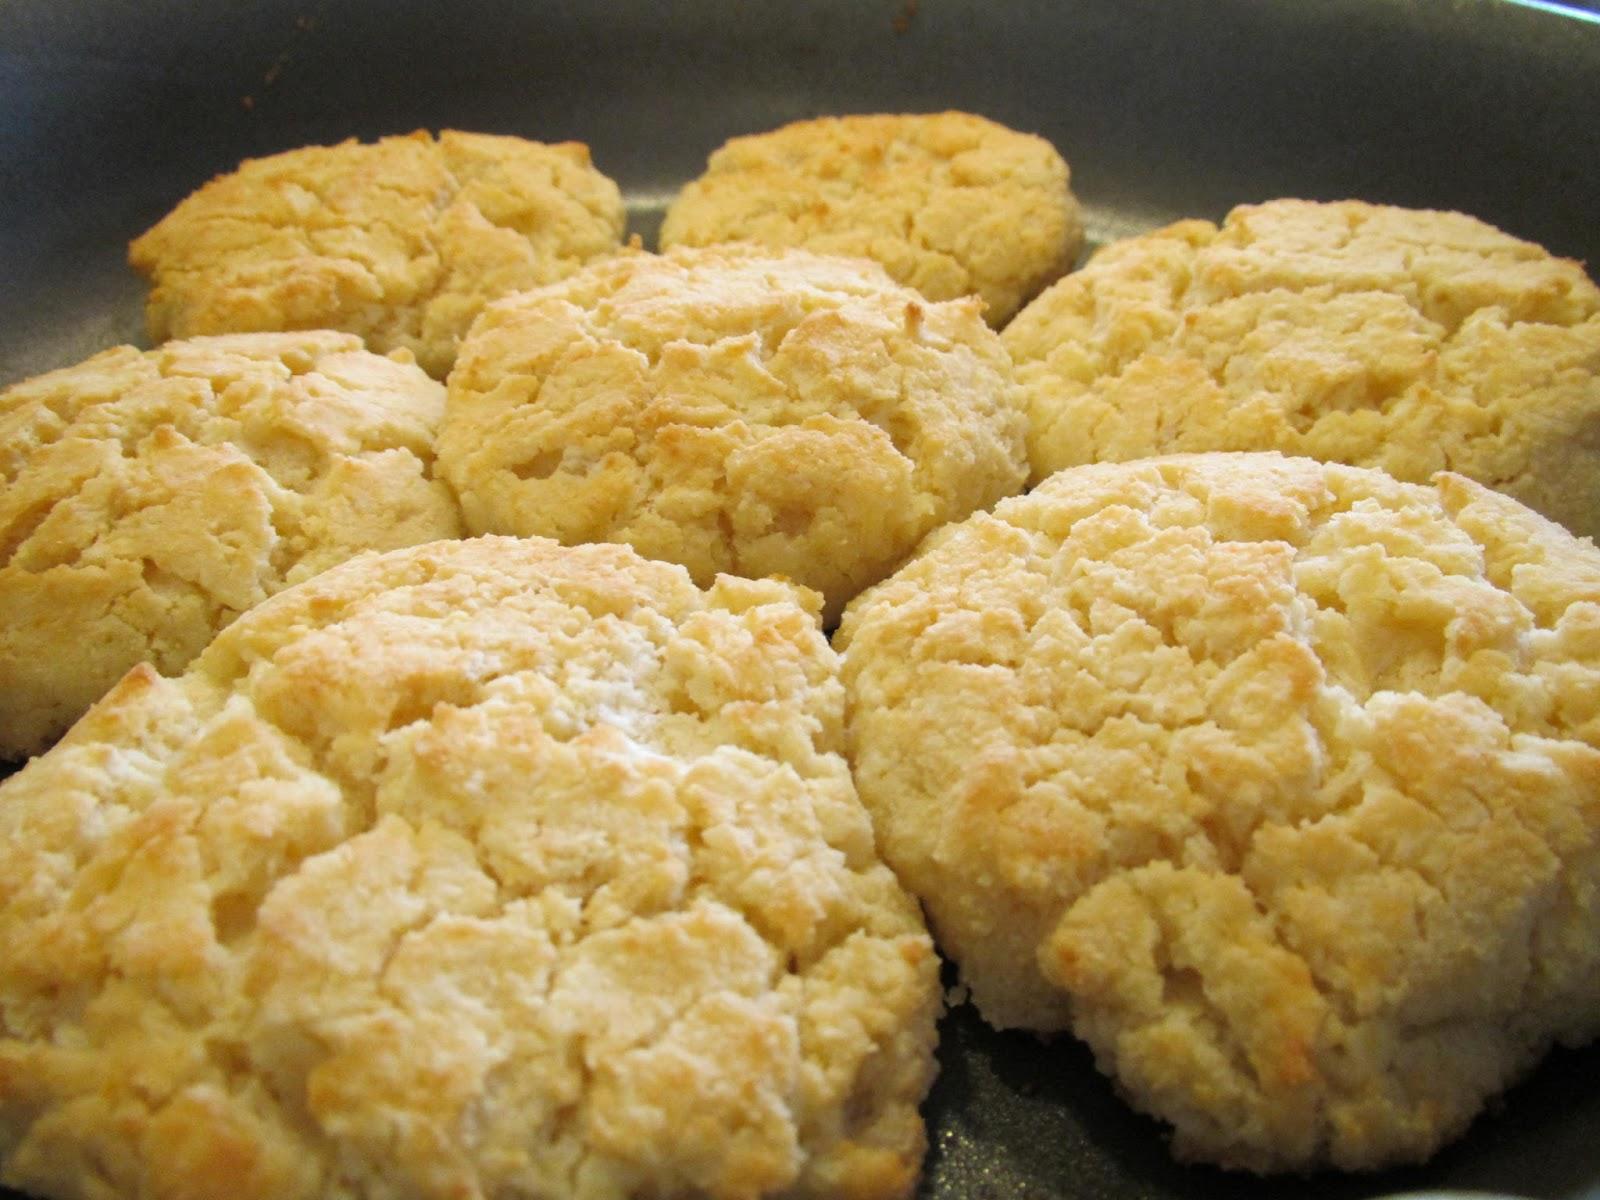 ... biscuits before coconut biscuit pack 250 coconut biscuit crisp coconut